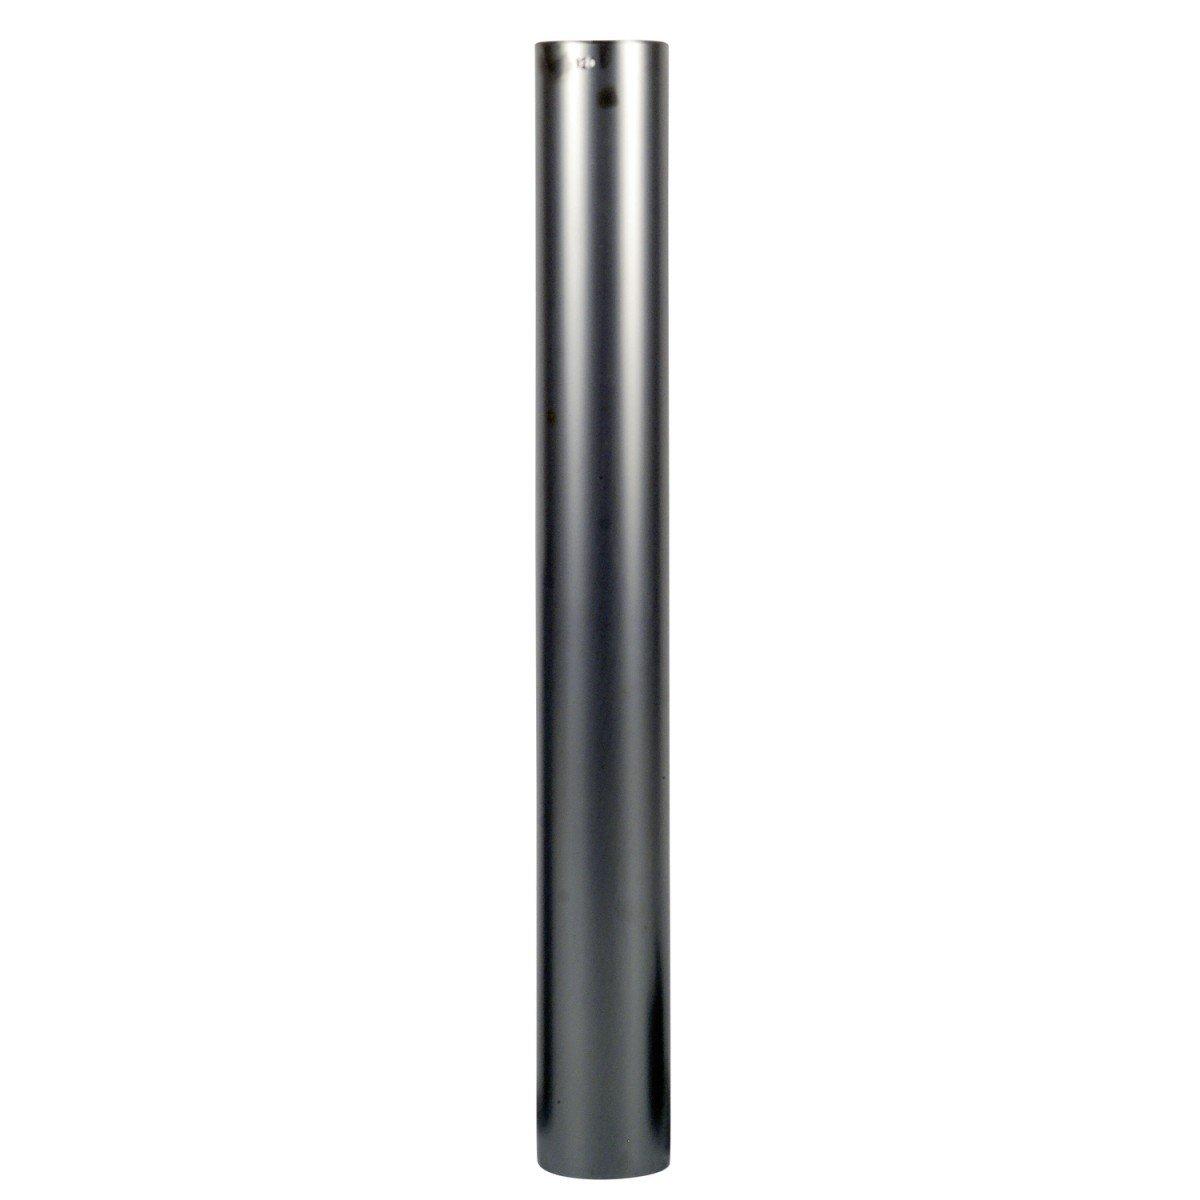 Ofenrohr Rohr 0,75 m gebläut 130 ø 0,6mm stark Kaminrohr